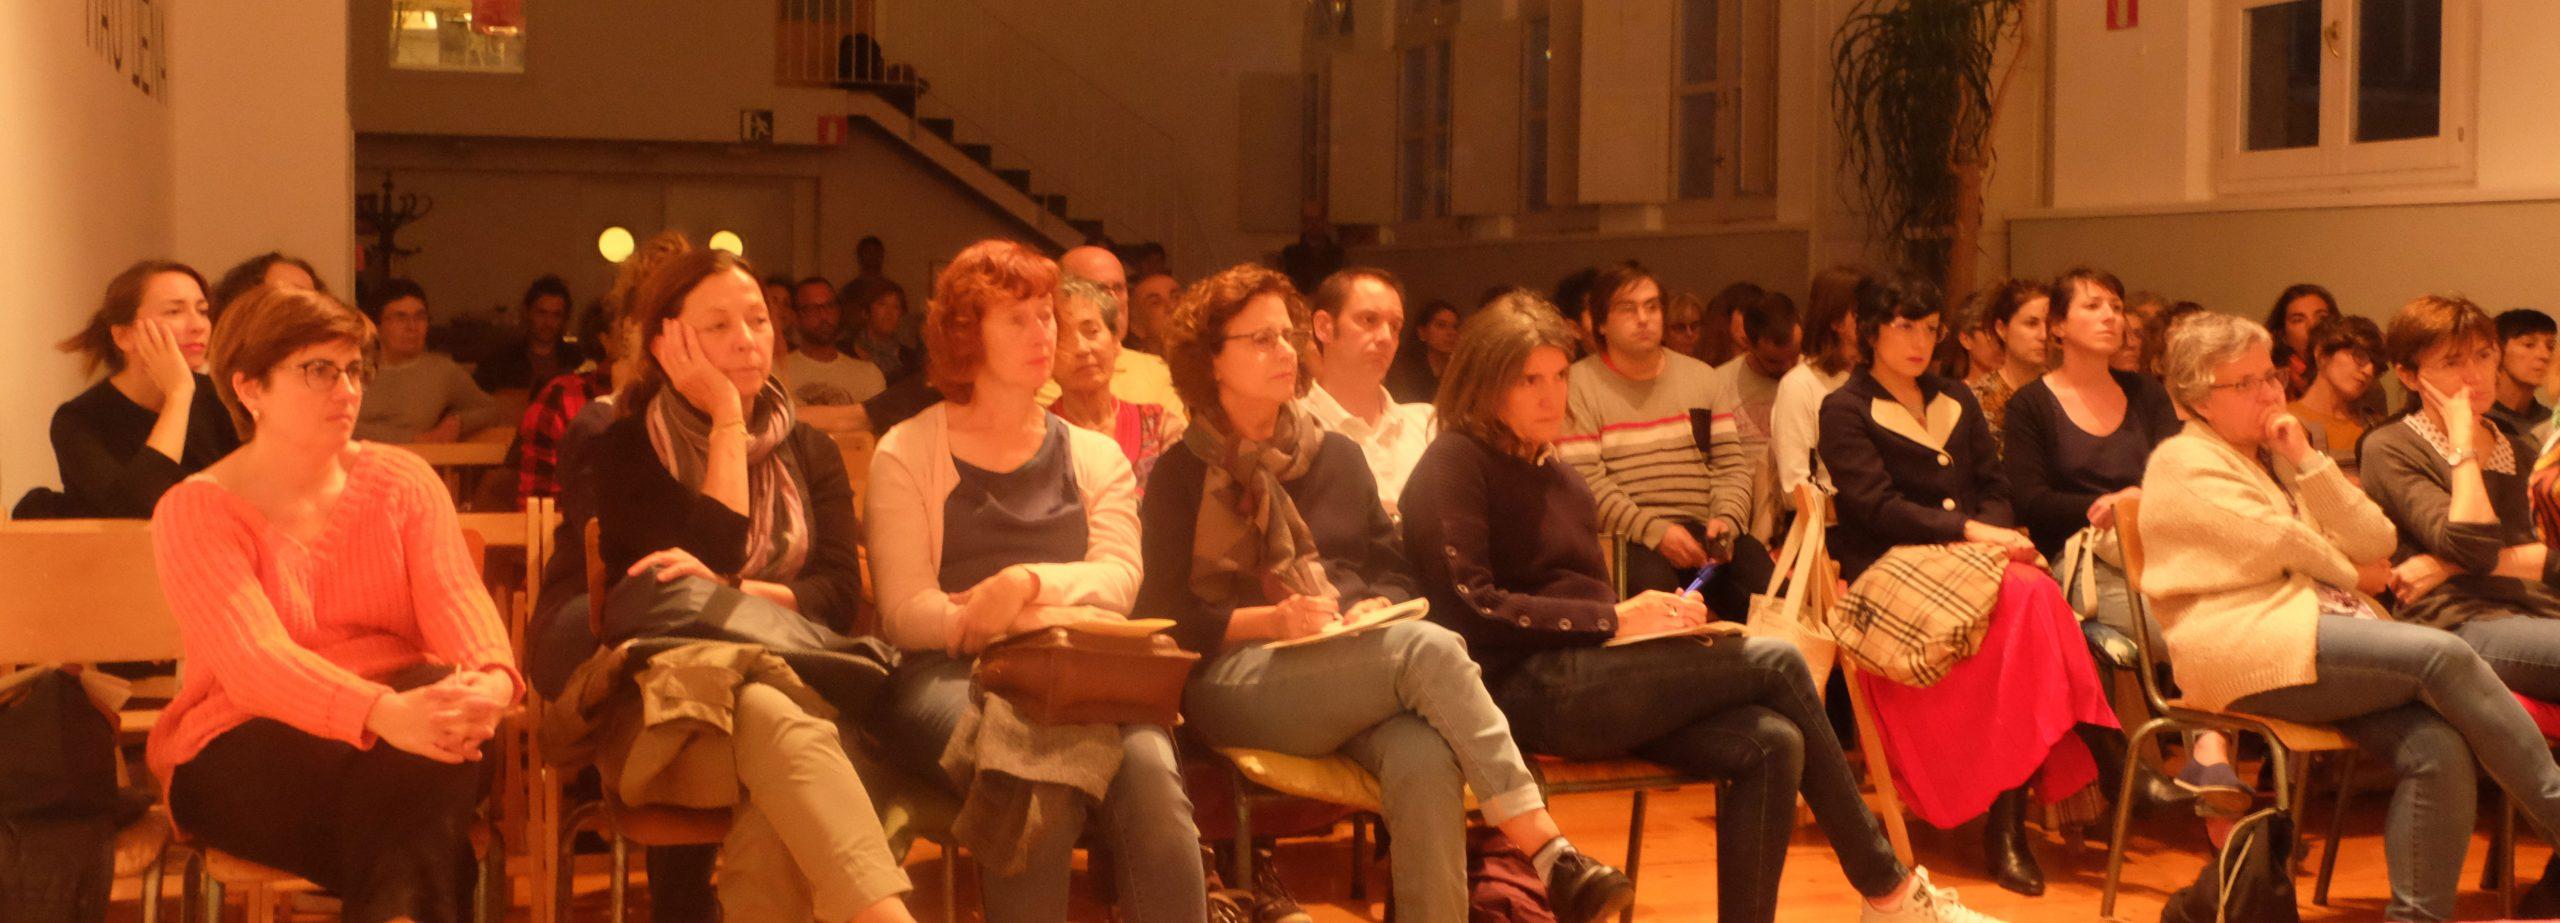 Primeras filas de Público atento en Katakrark durante la primer edición de letraheridas